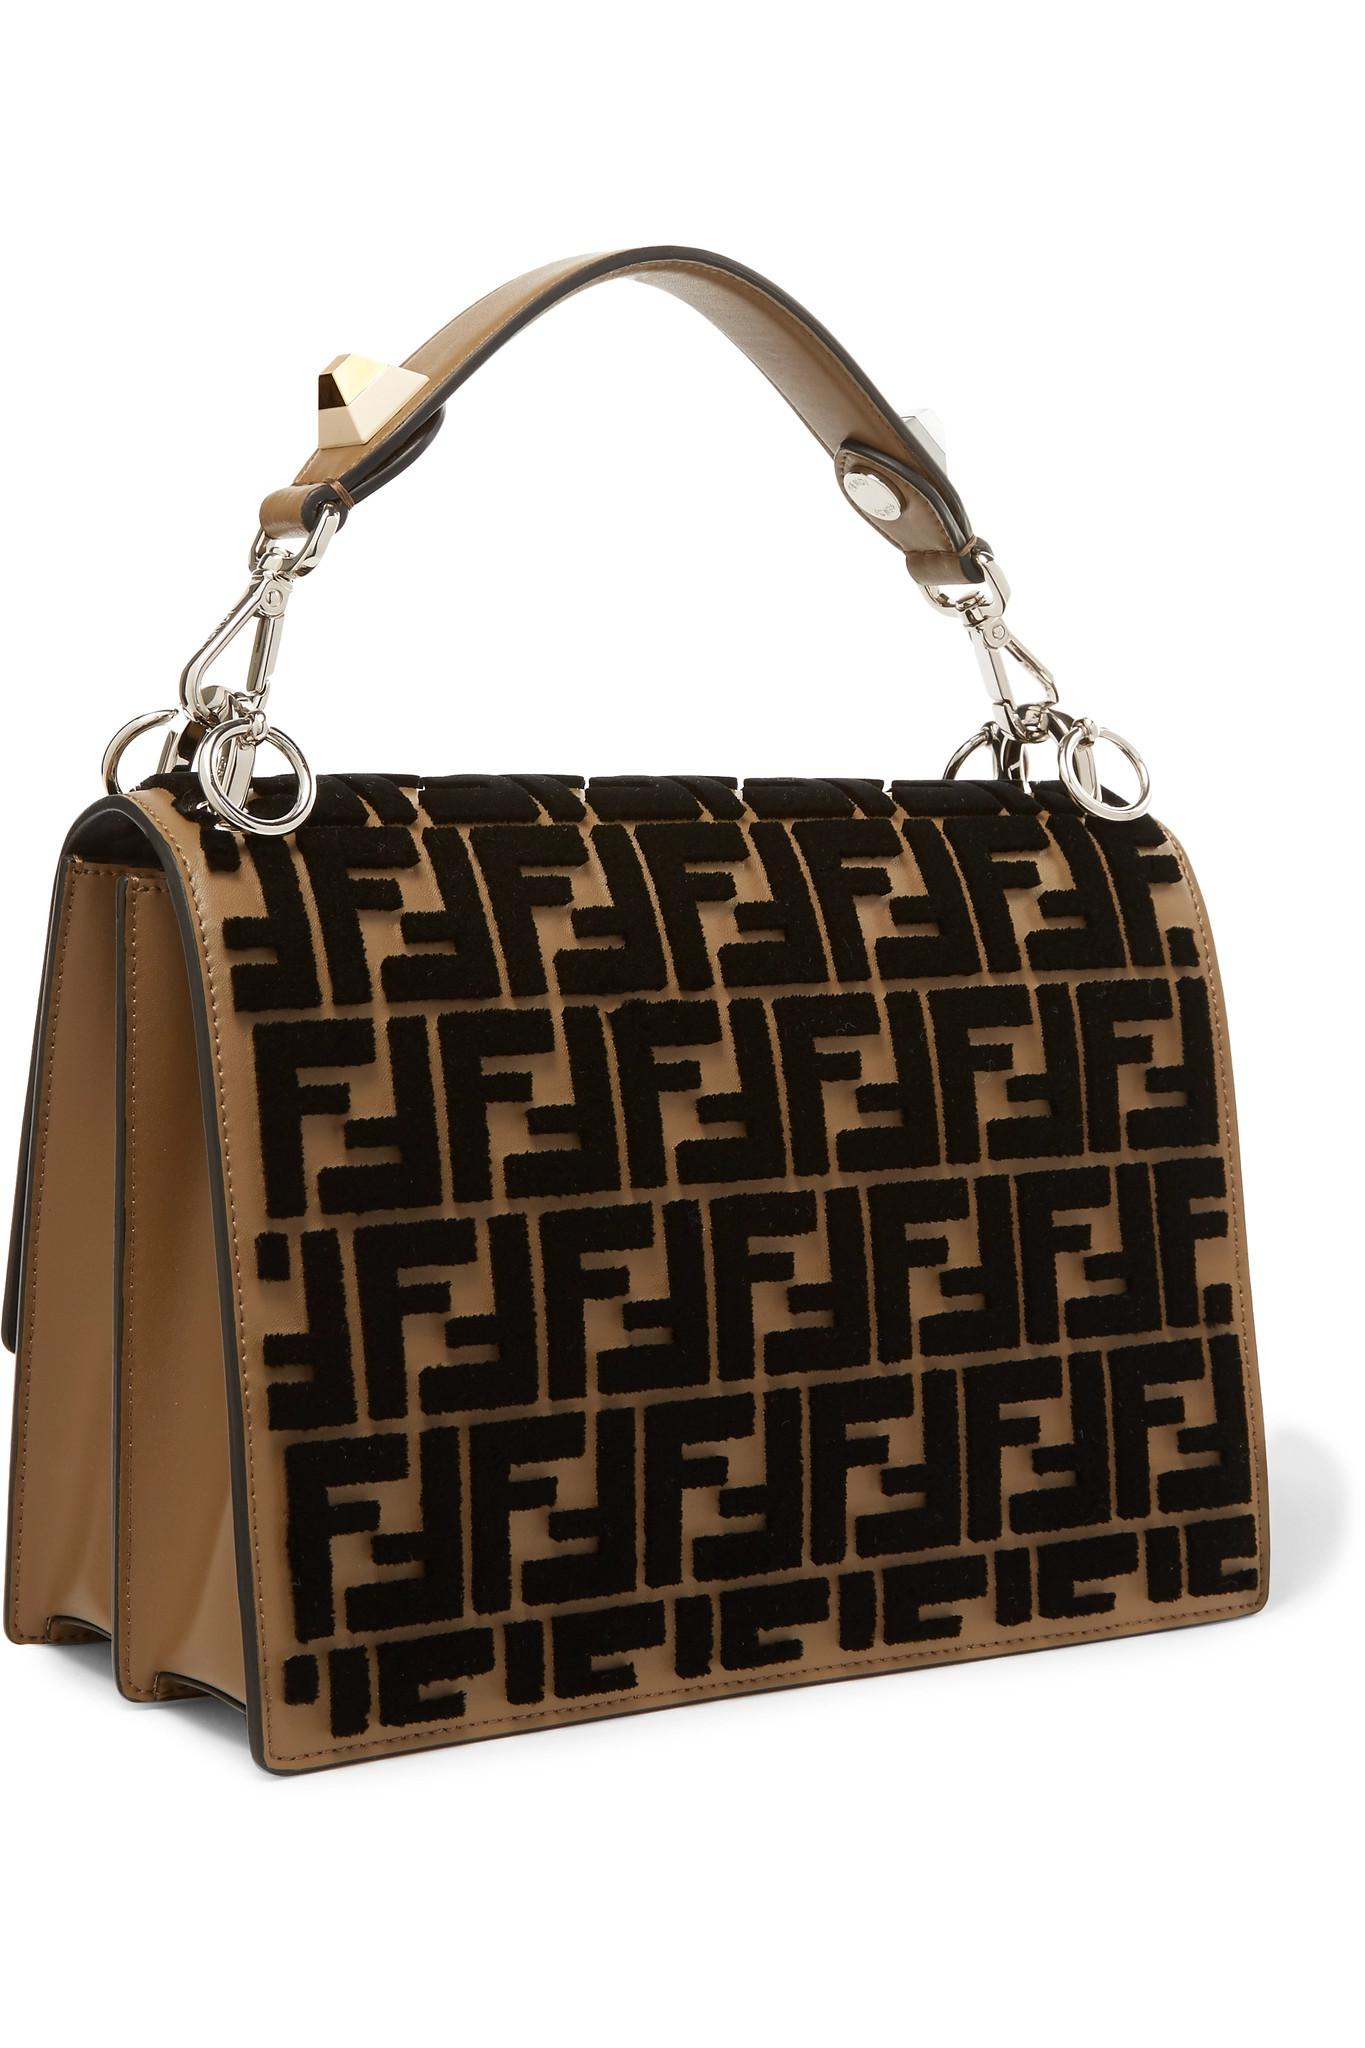 Lyst - Fendi Kan I Flocked Leather Shoulder Bag in Brown 9c30119876477